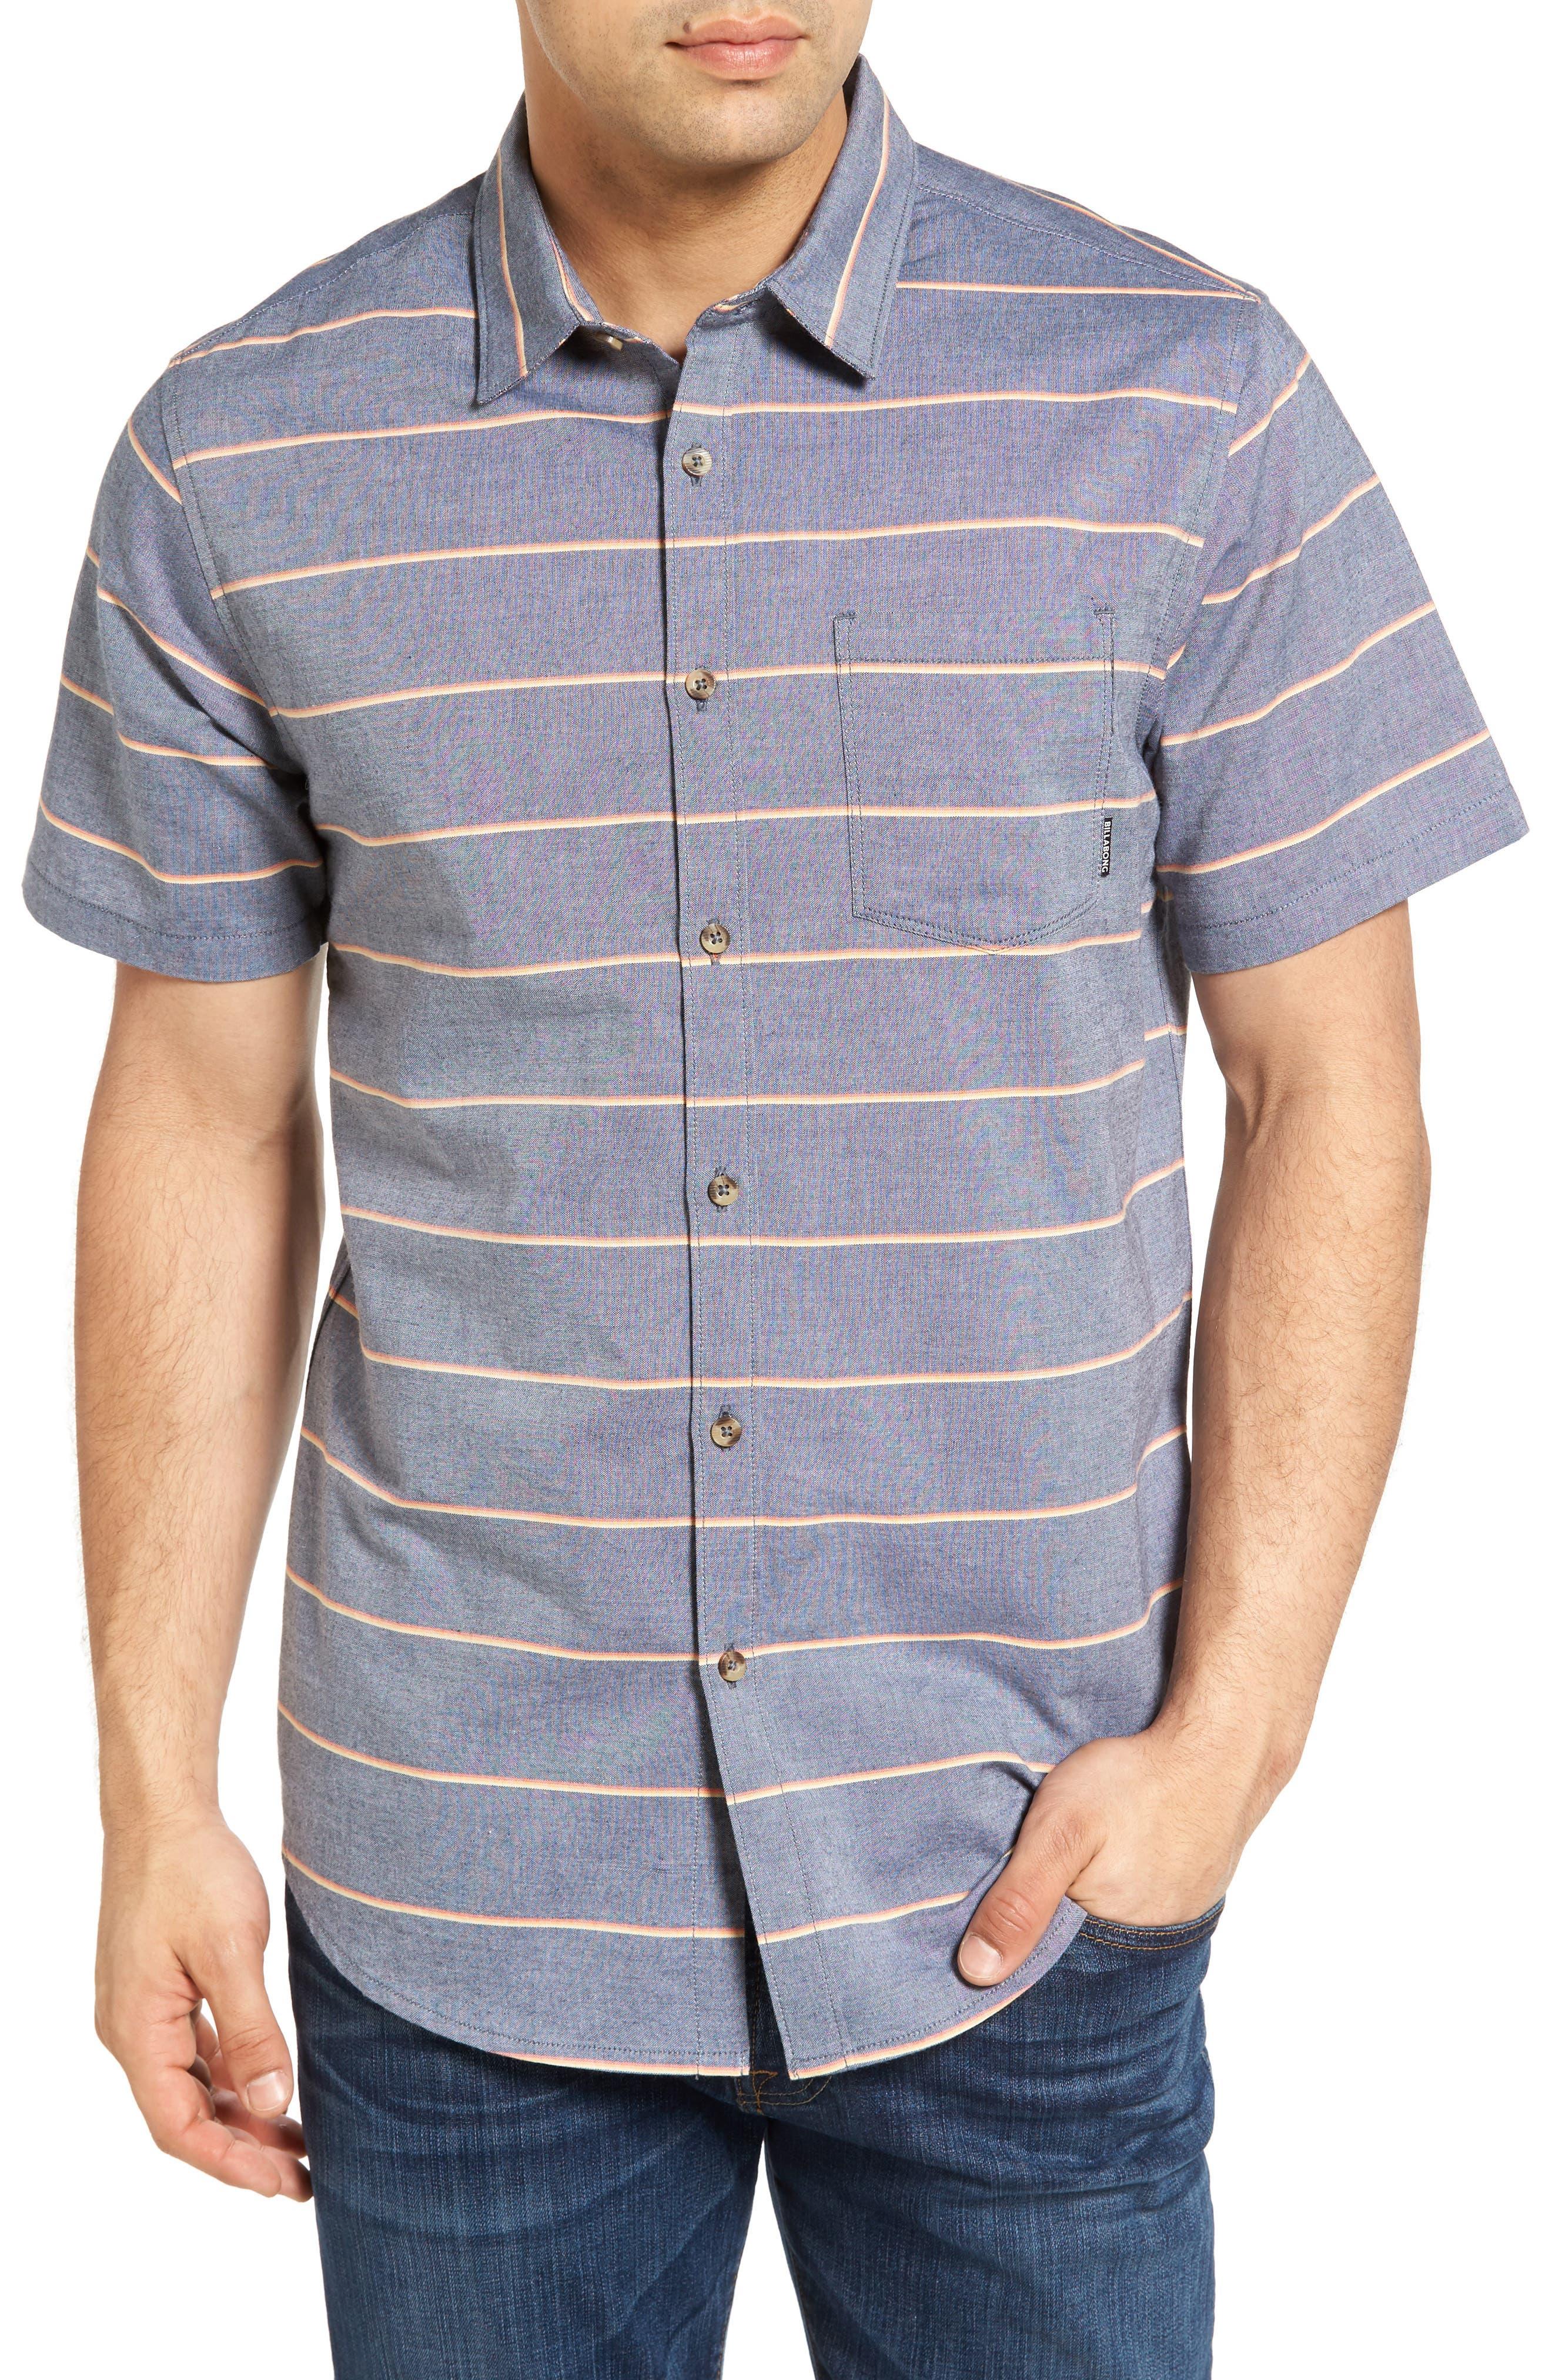 Billabong Flat Lines Stripe Woven Shirt